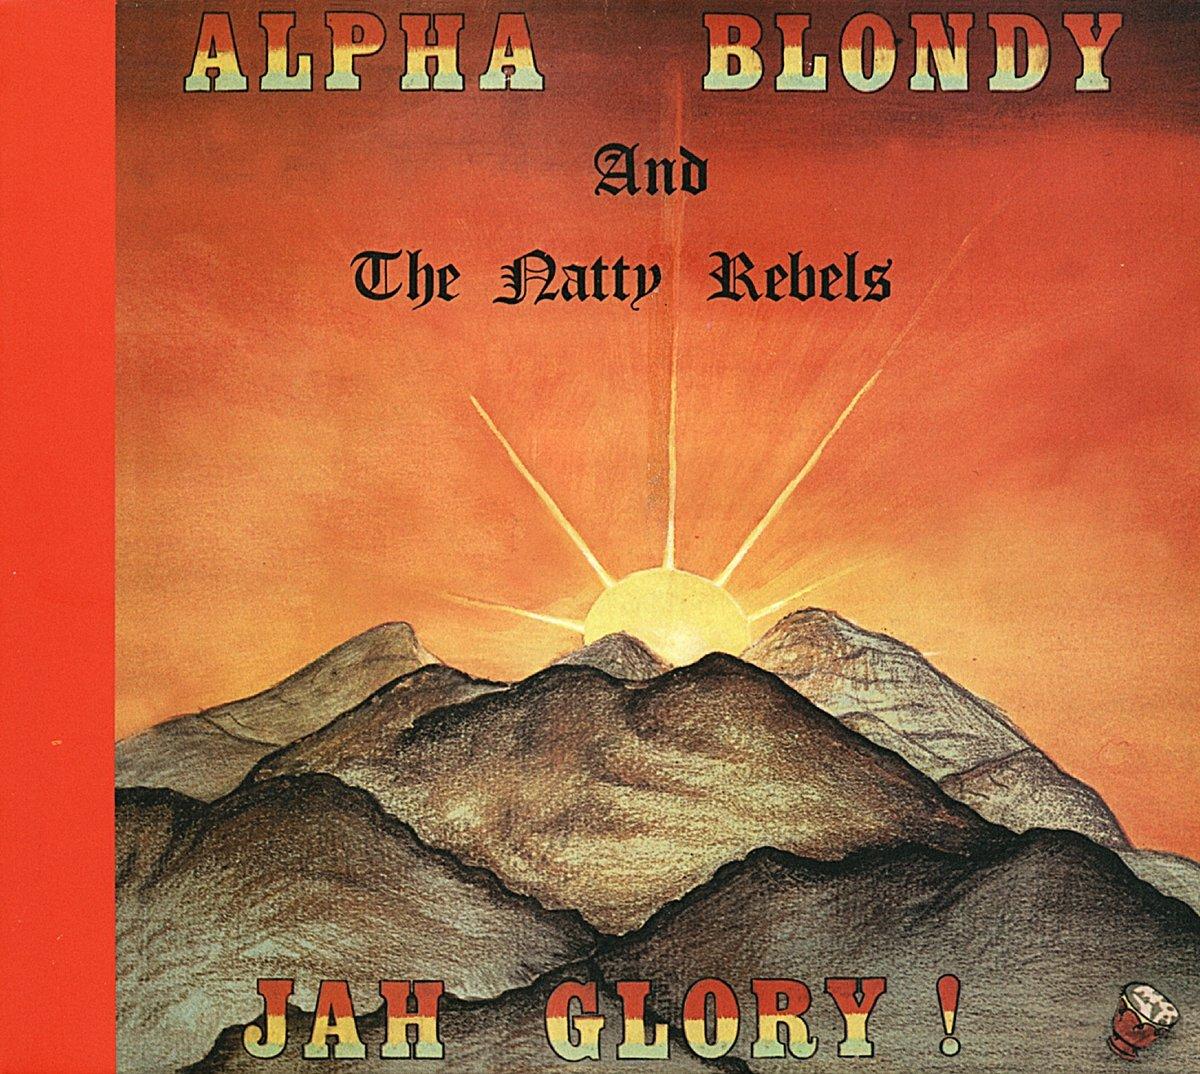 JAH BLONDY TÉLÉCHARGER GLORY ALPHA